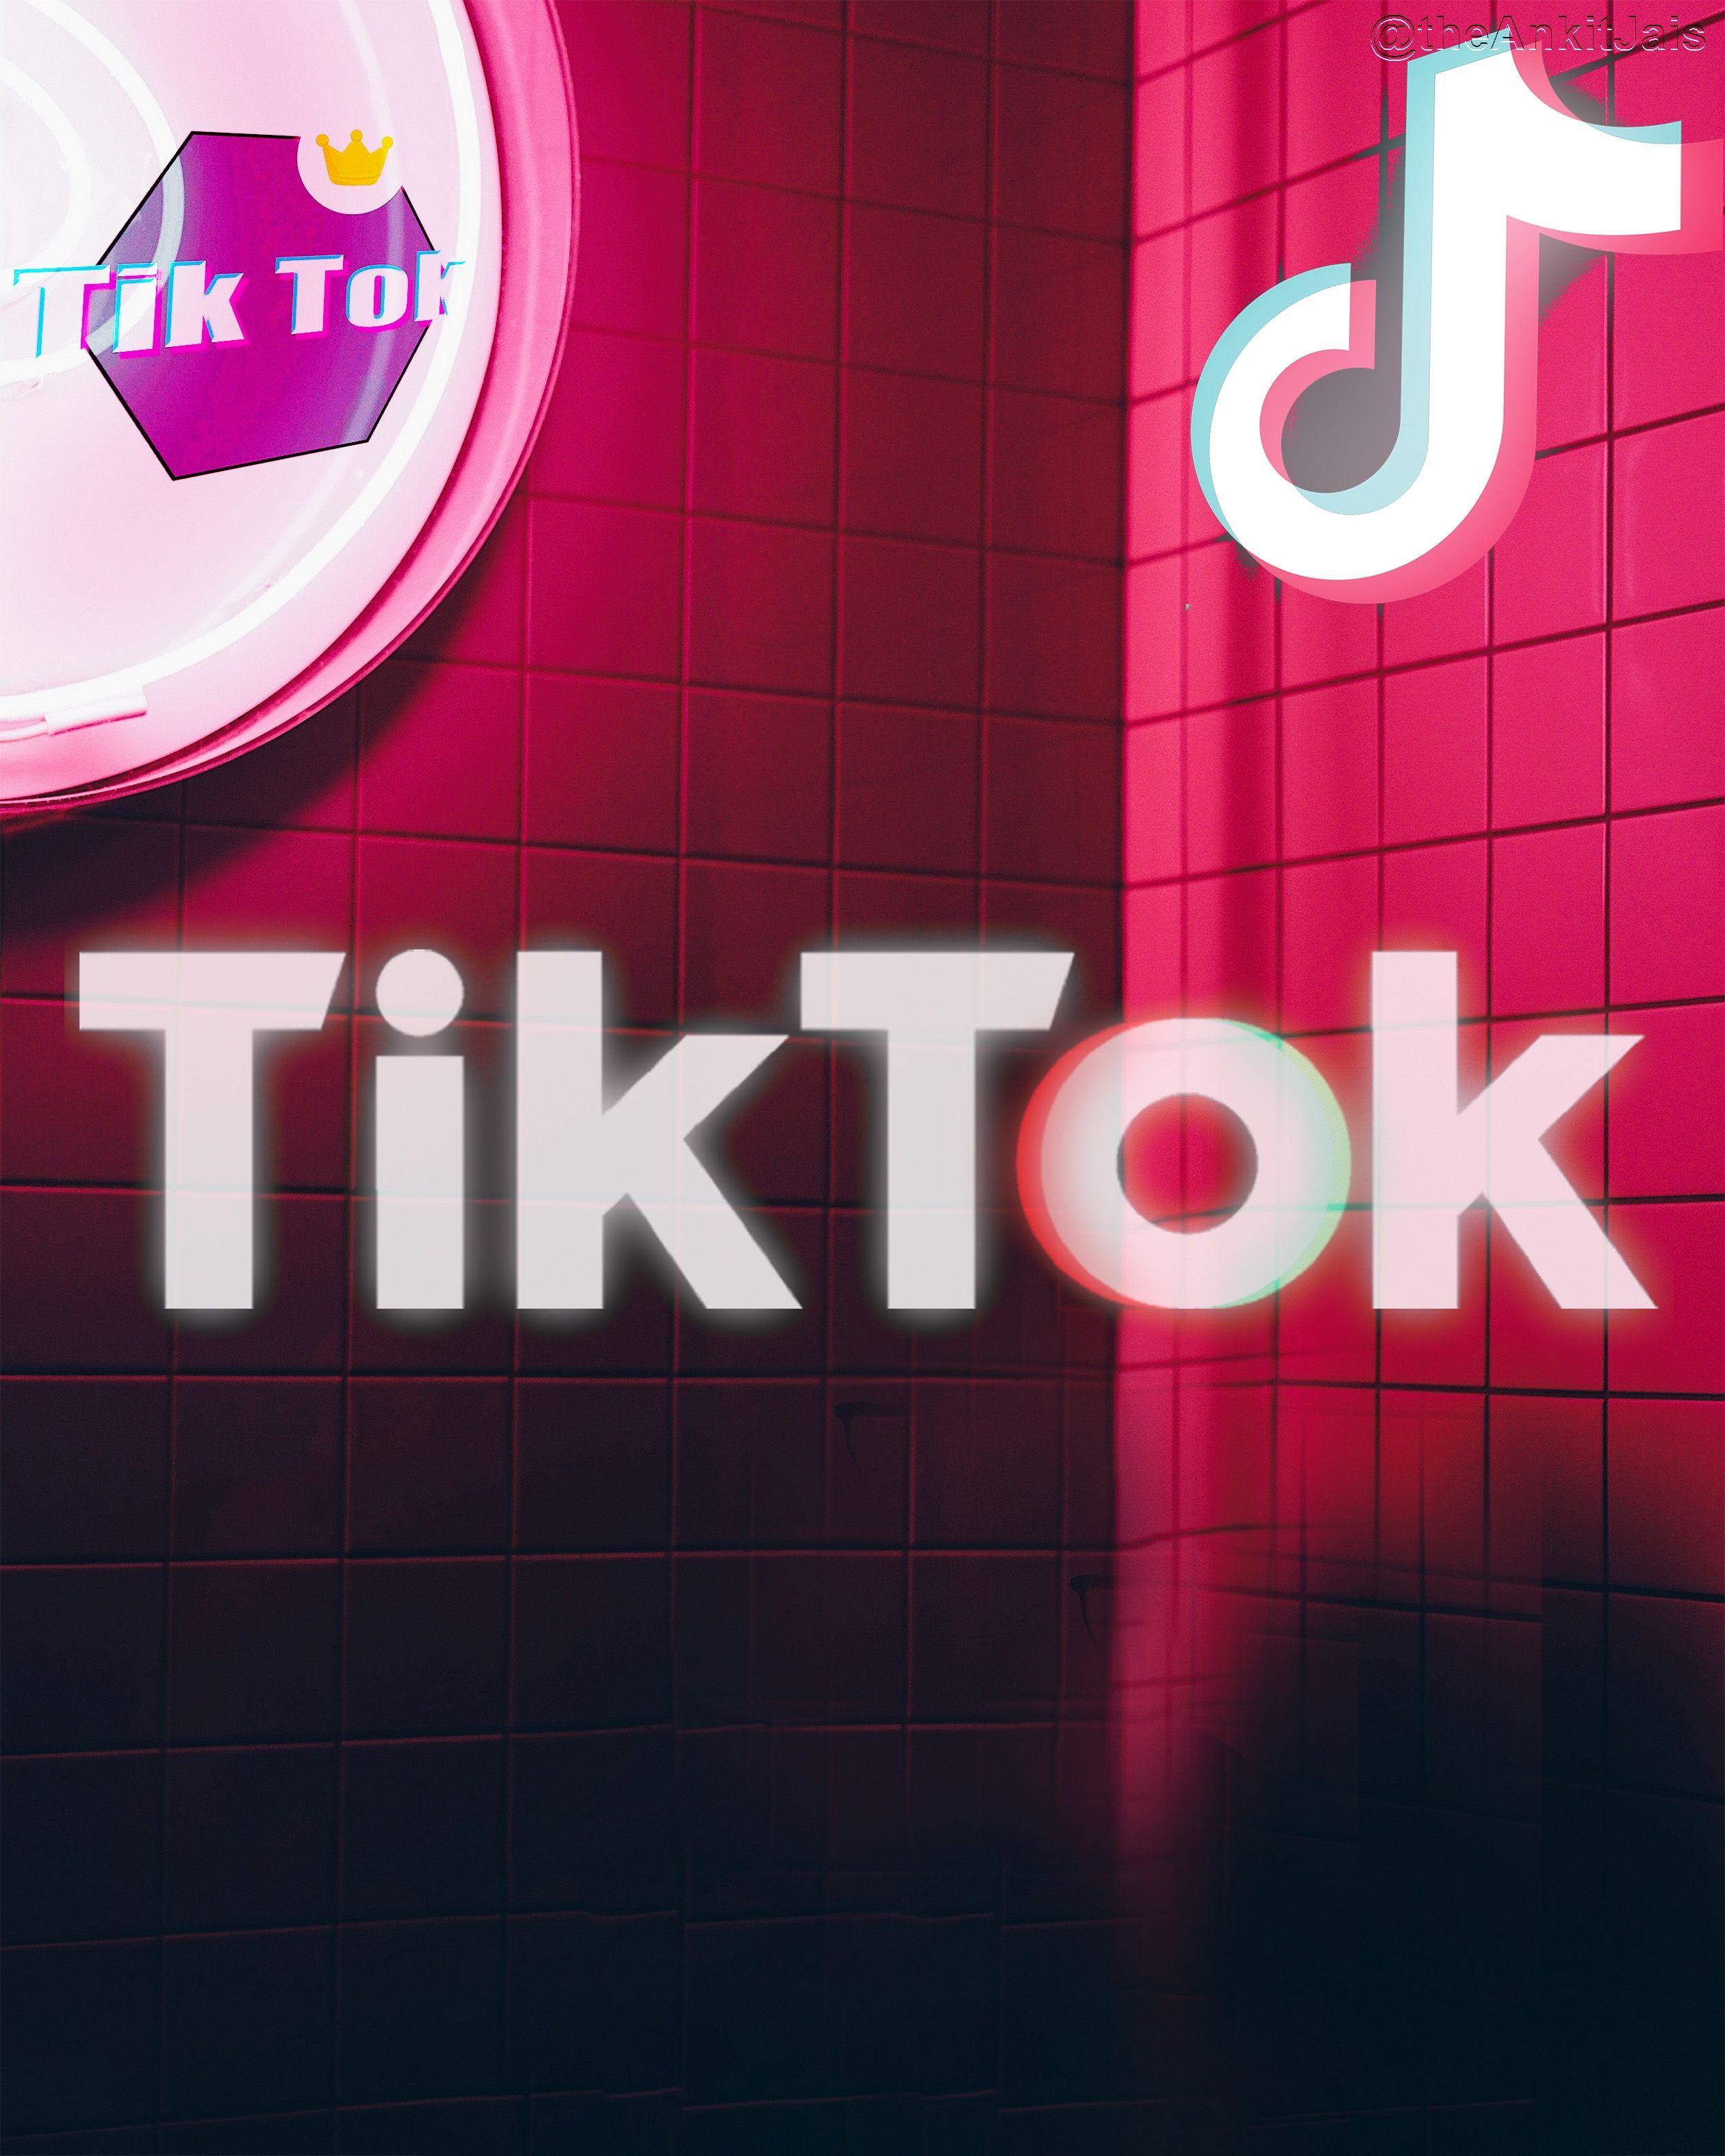 Tik Tok Cb Background Editing Background Photoshop Digital Background Studio Background Images